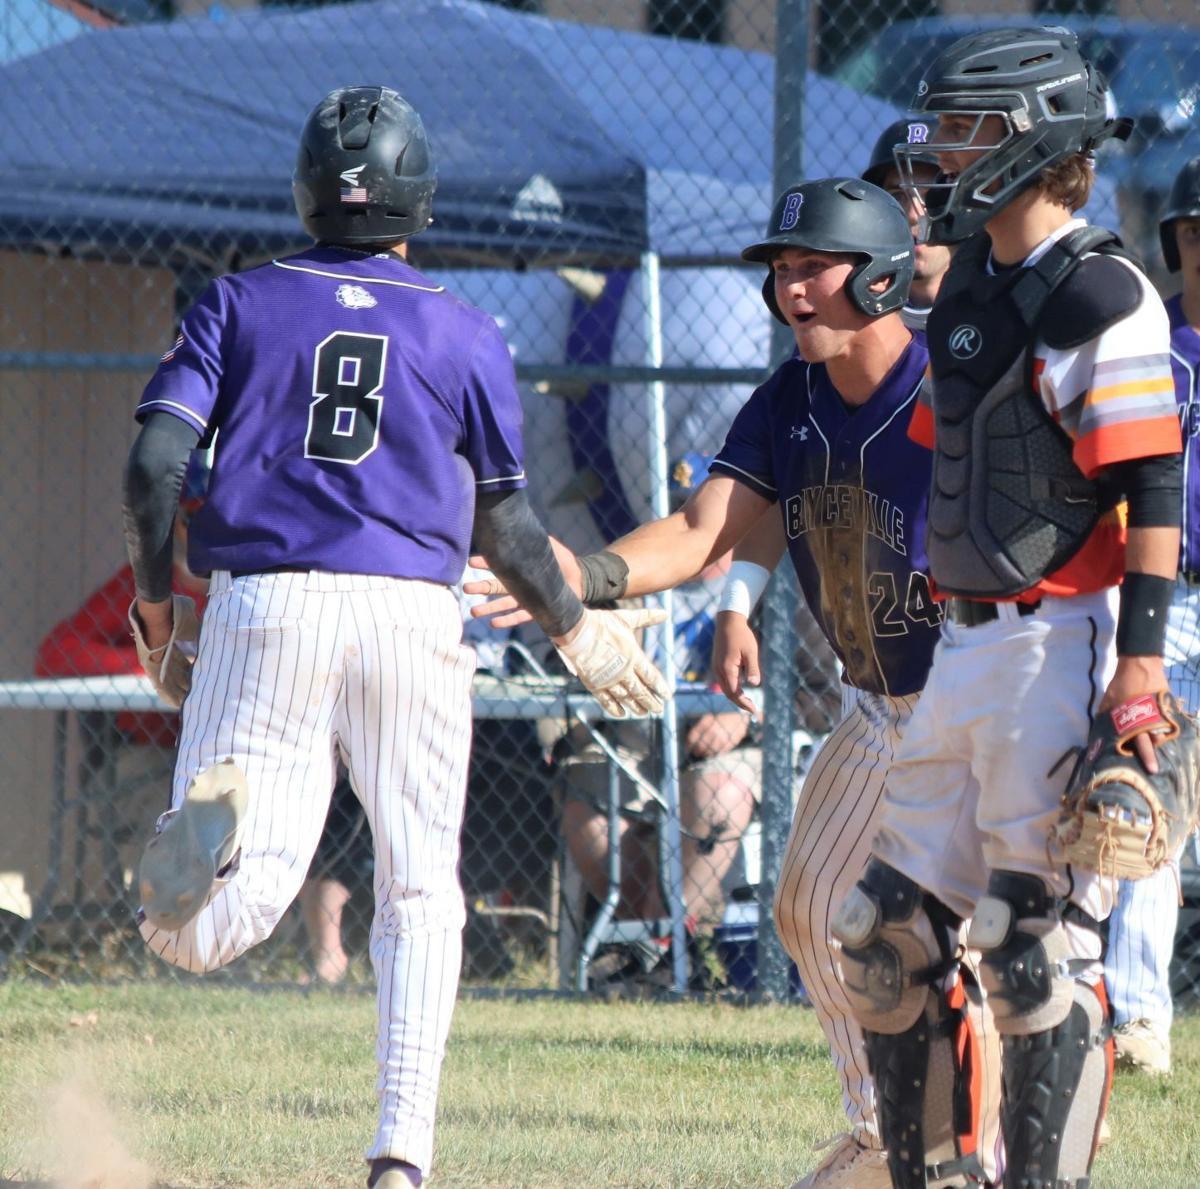 Boyceville vs Webster baseball